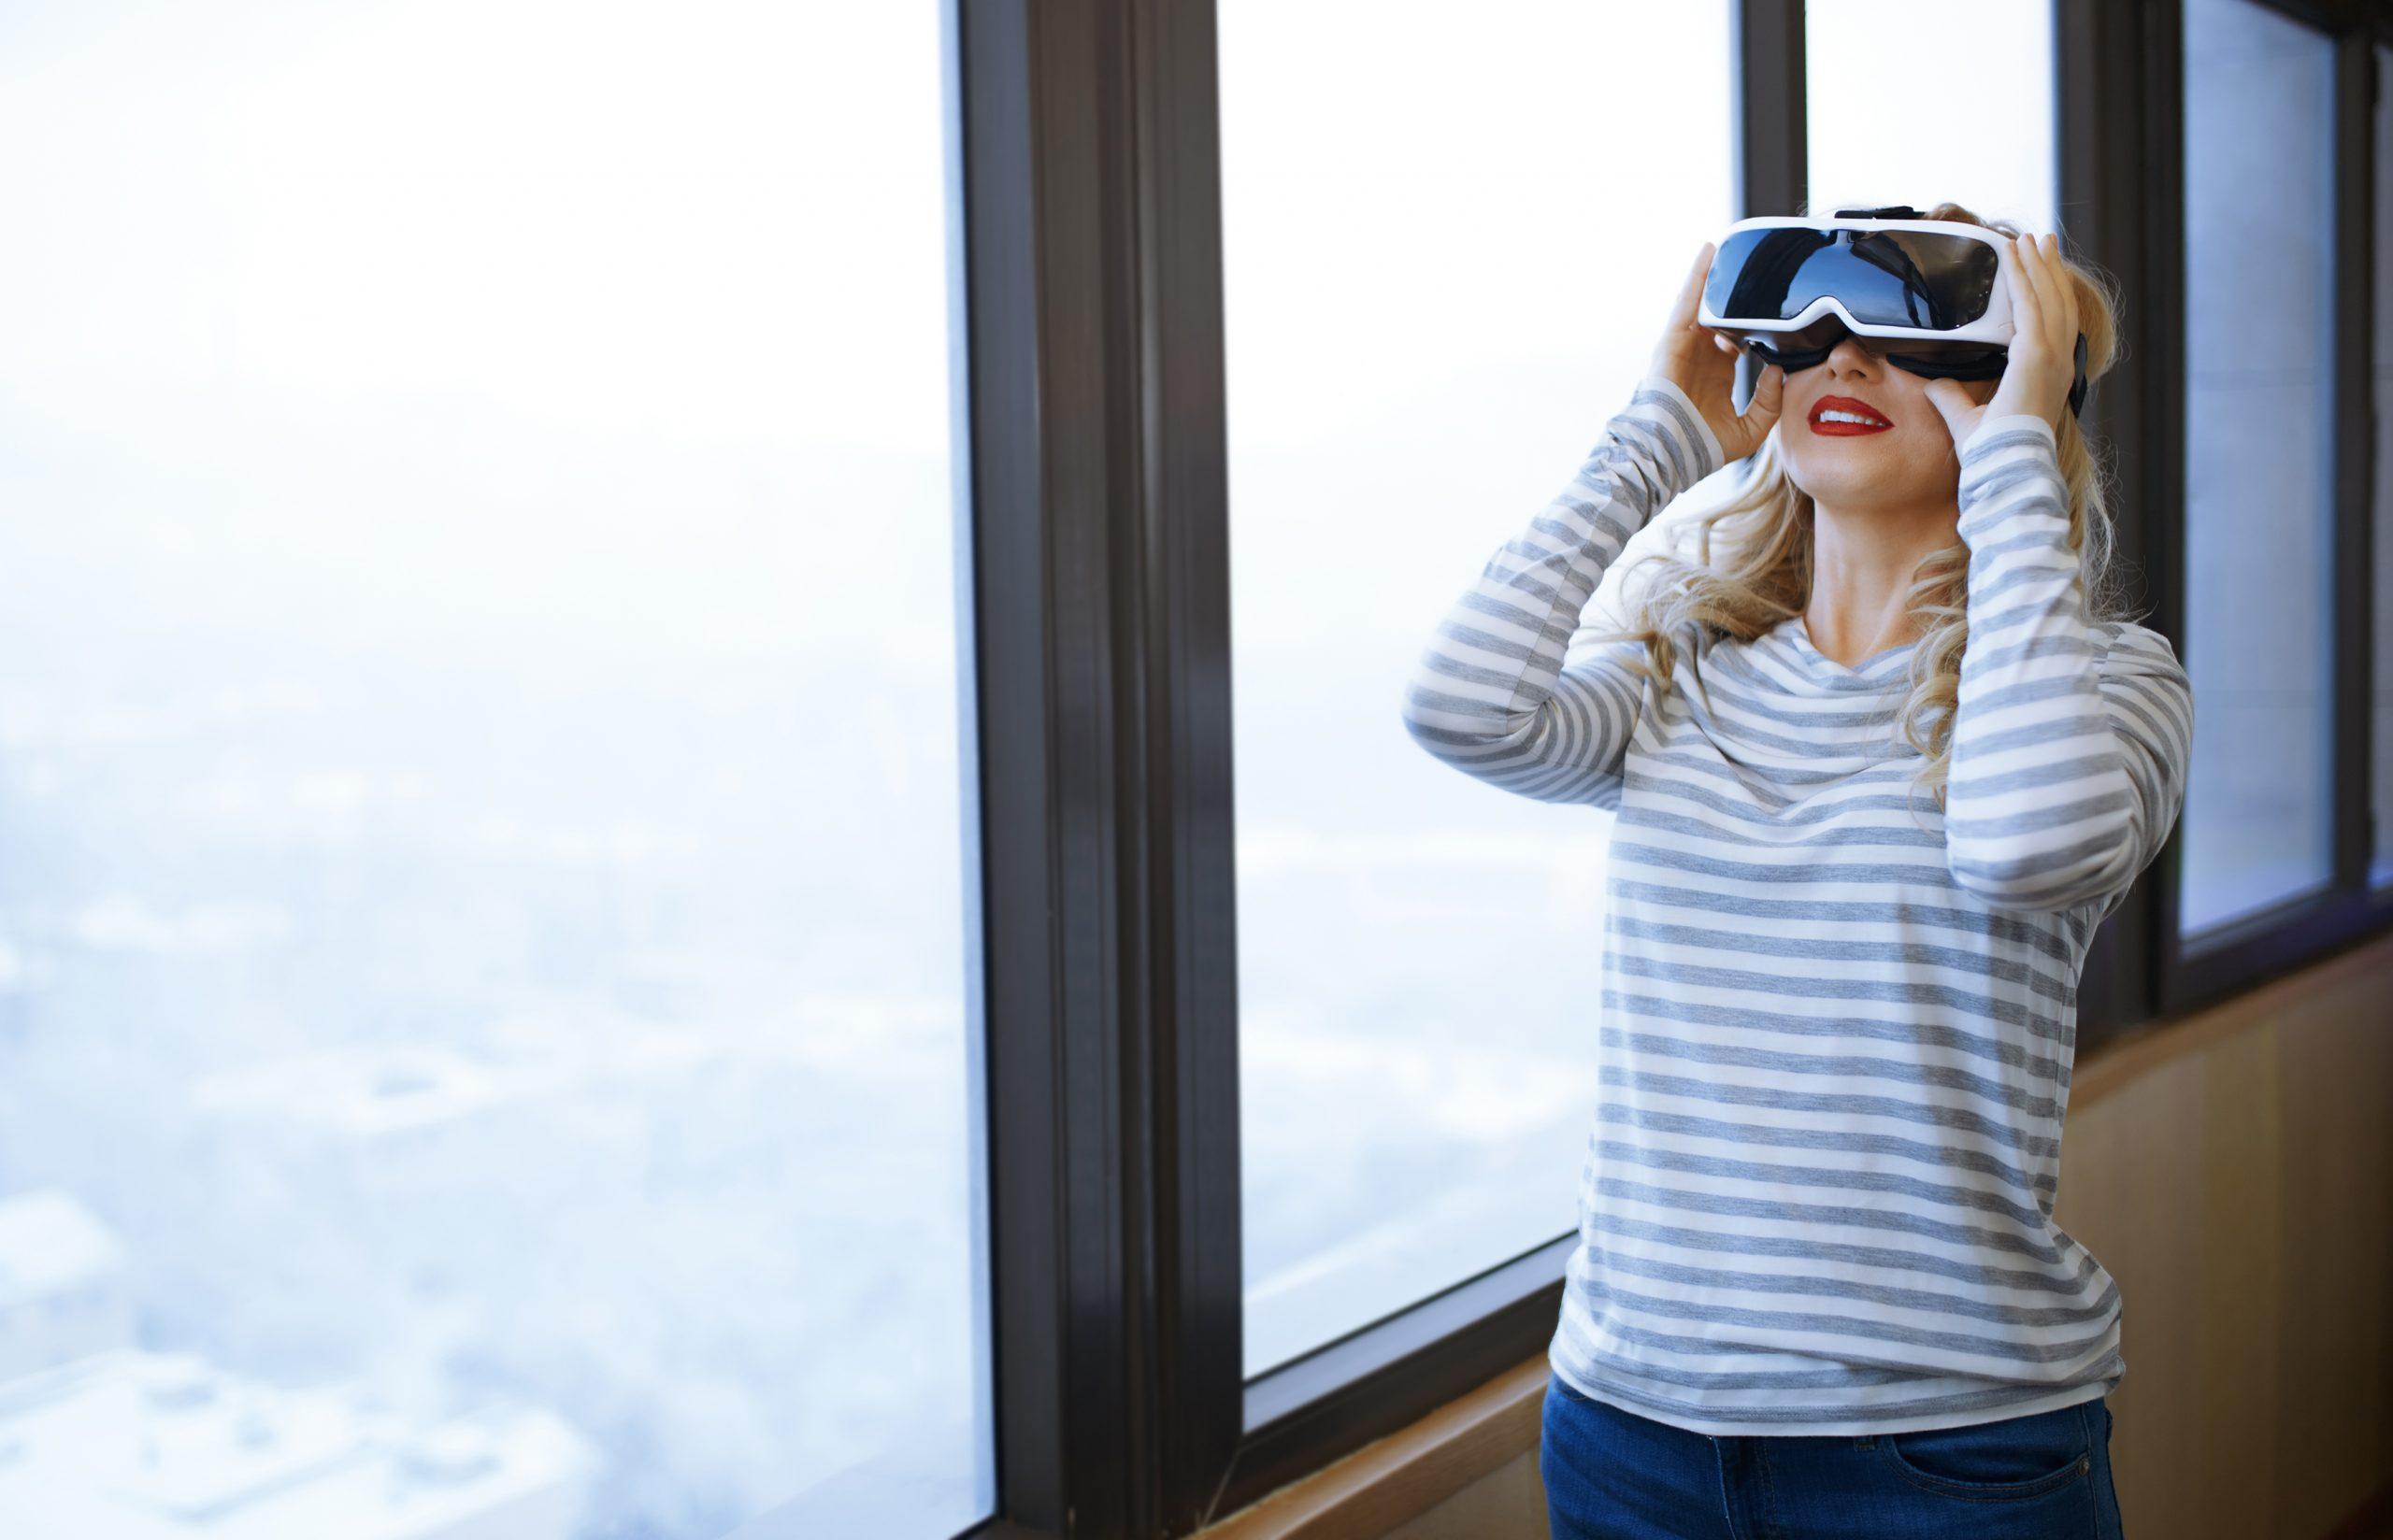 VR - Virtual Reality - Frau